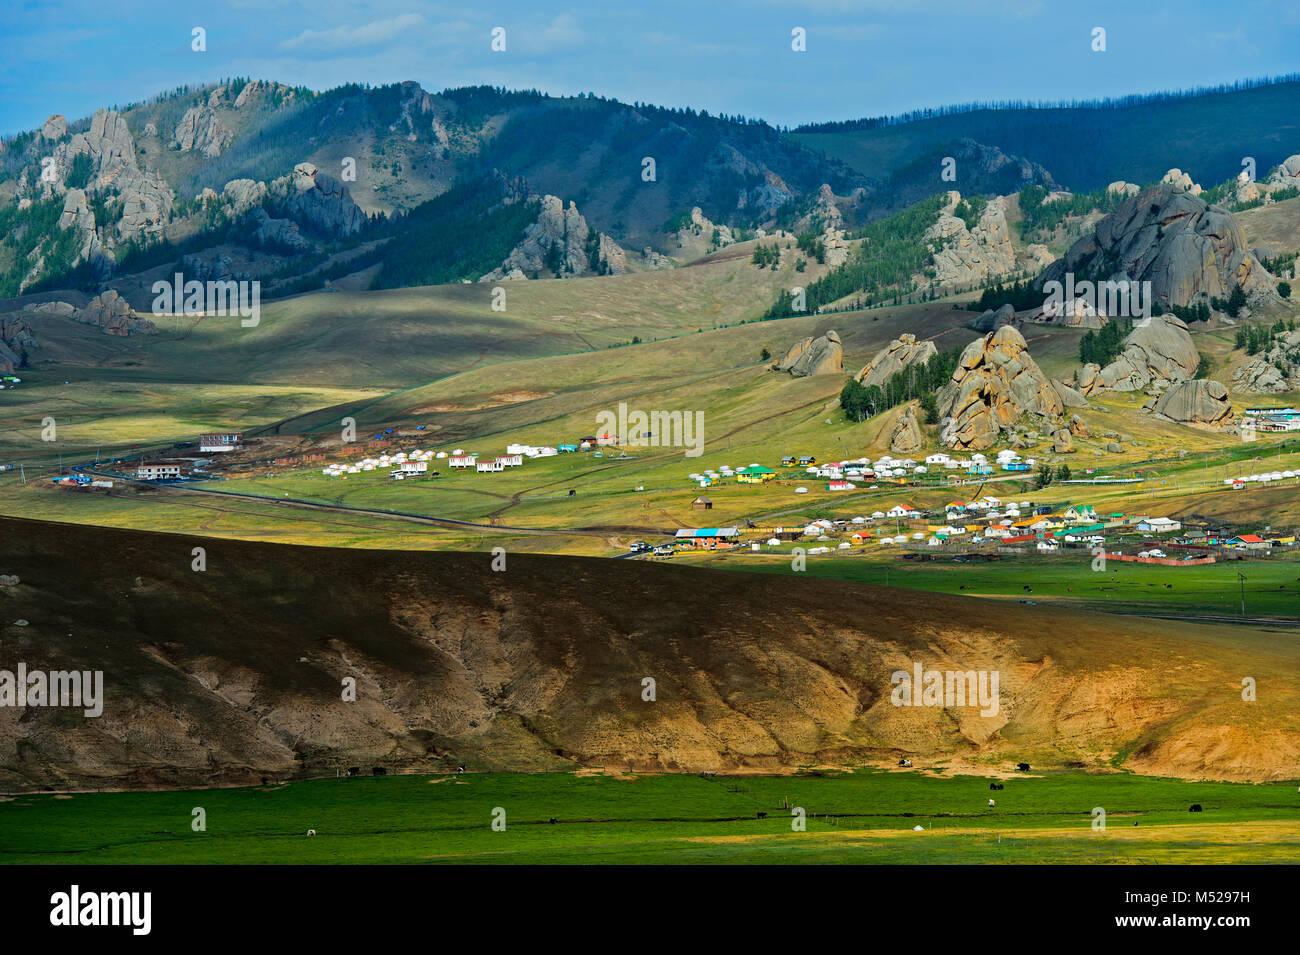 BeniBana Complejo Turístico y de Campamento de bolor Resort en Terelj-Valley,Gorkhi-Terelj Parque Nacional,Mongolia Imagen De Stock